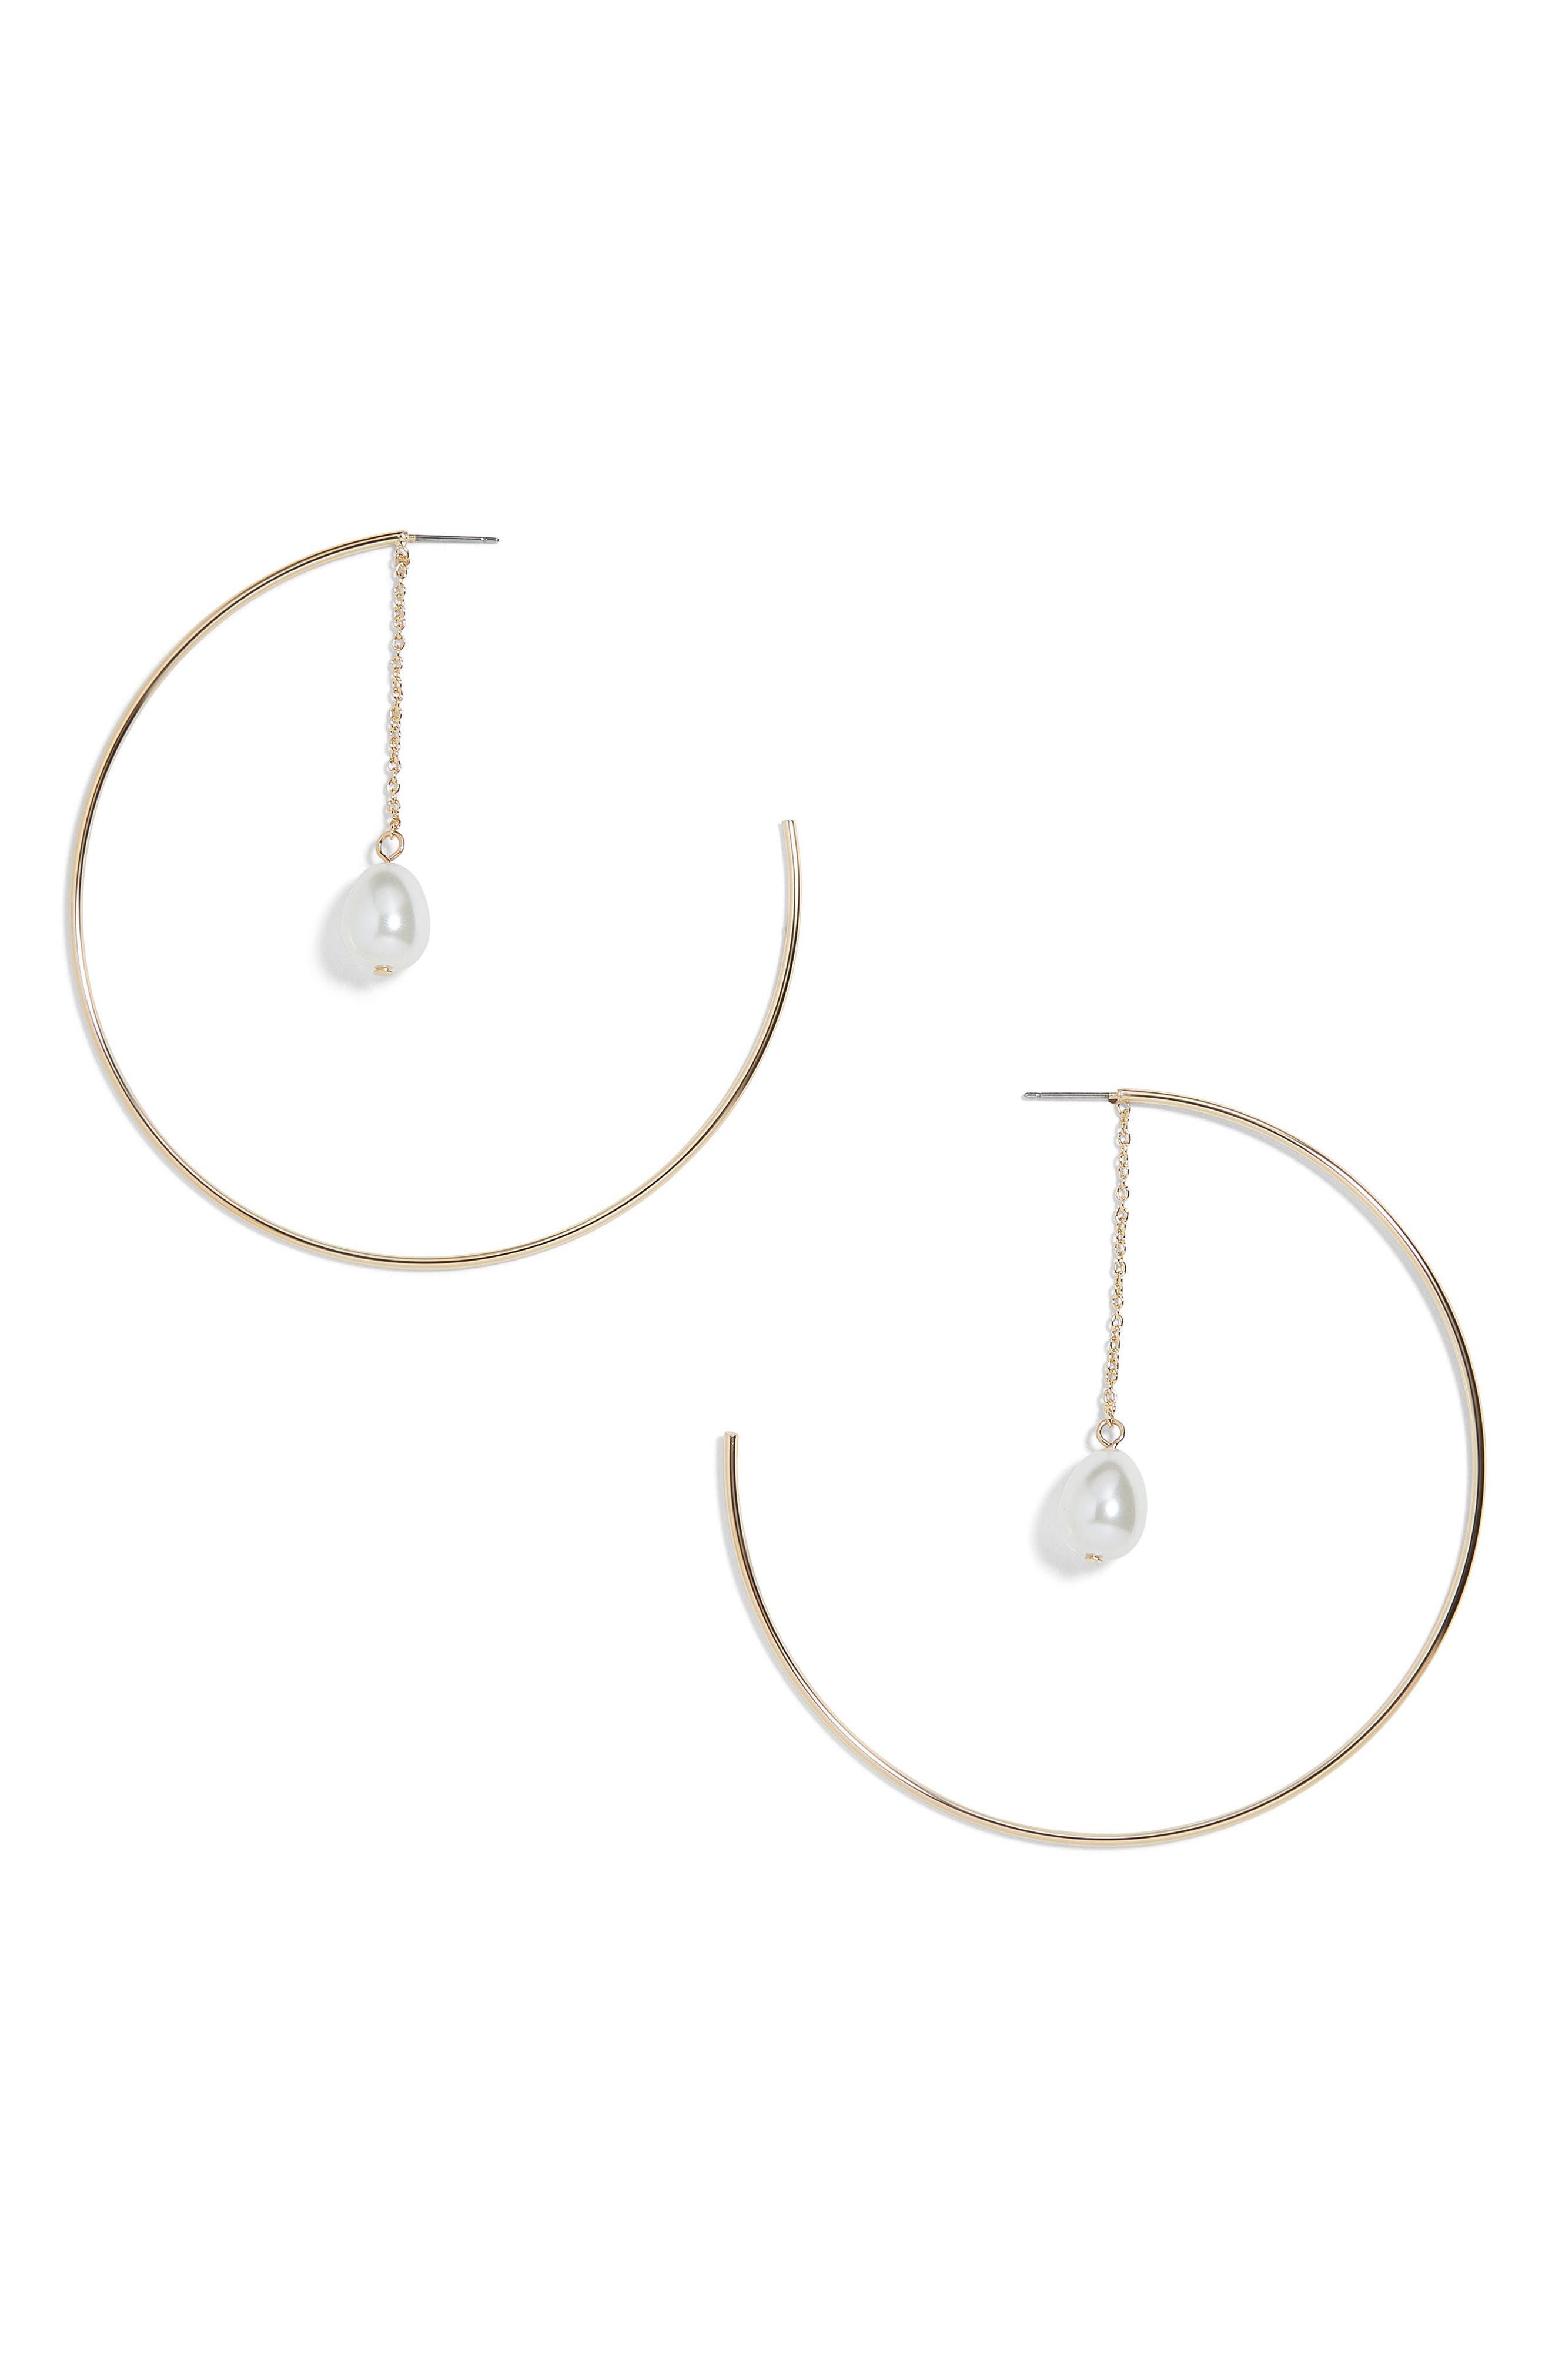 Ashanti Imitation Pearl Hoop Earrings,                             Main thumbnail 1, color,                             710